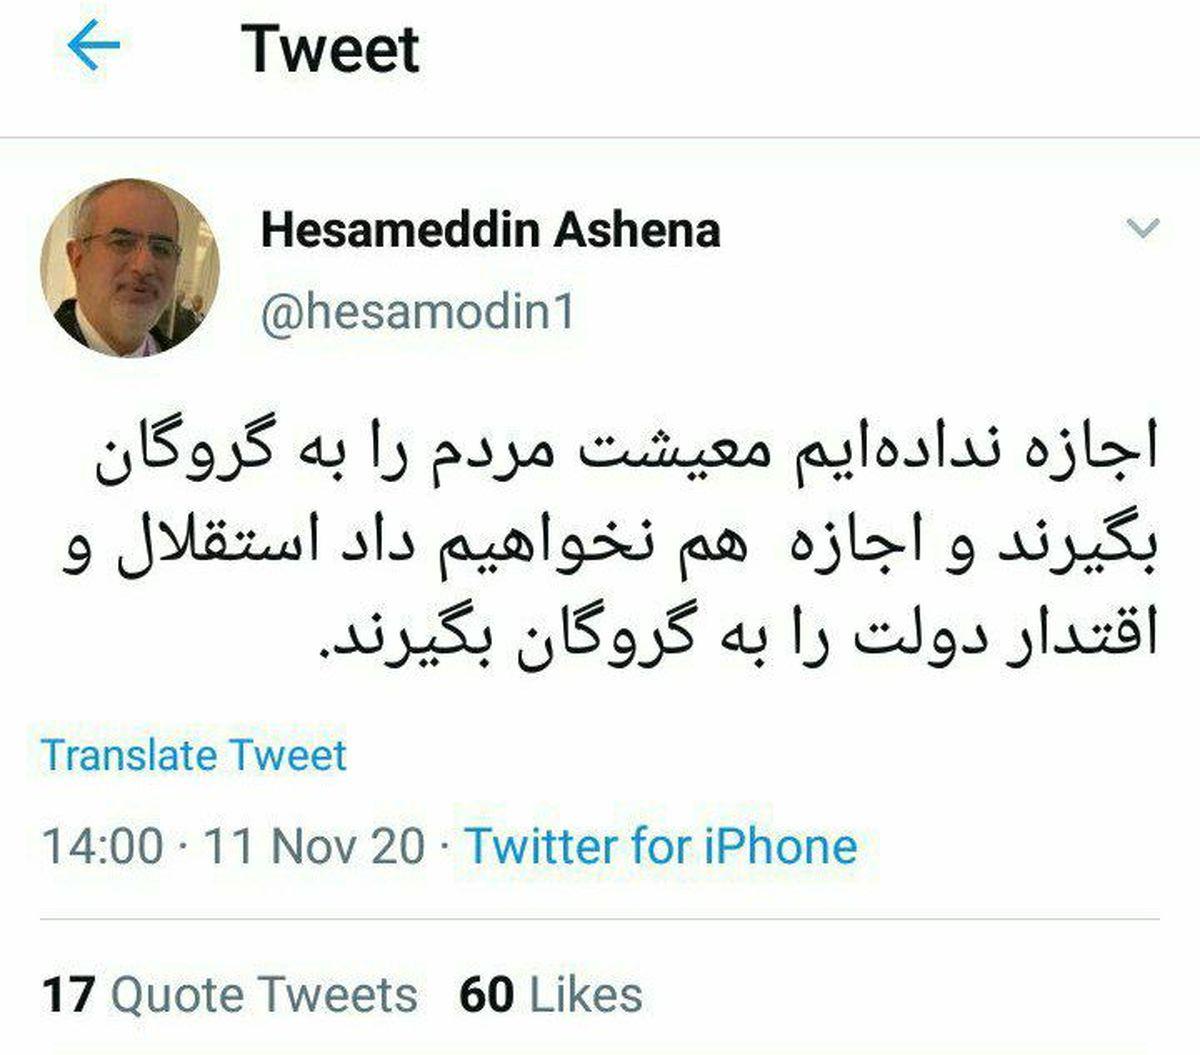 توئیت قابل تامل حسام الدین آشنا مشاور رئیس جمهور